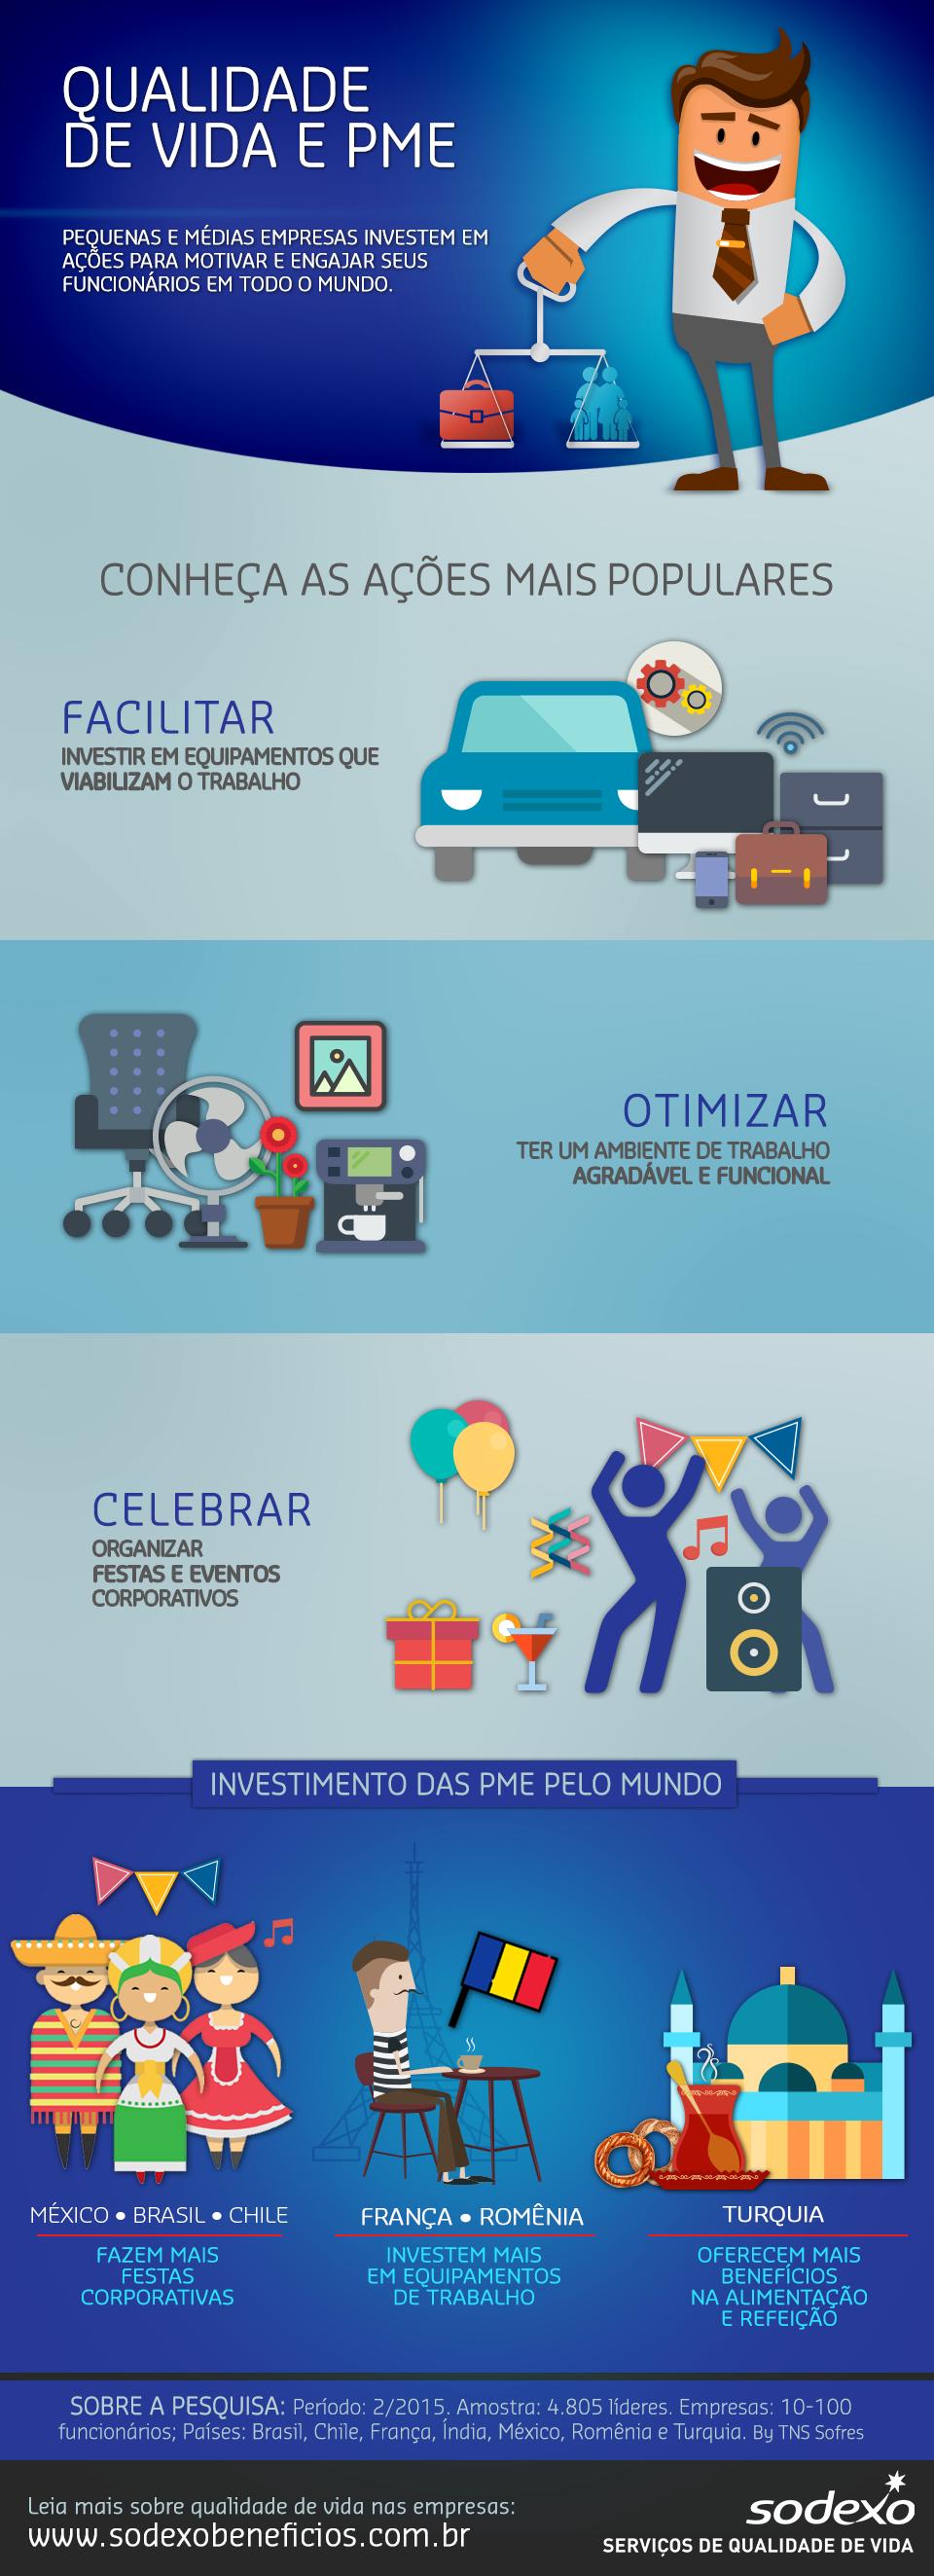 Sodexo_Beneficios_Infografico_Qualidade_de_vida.png